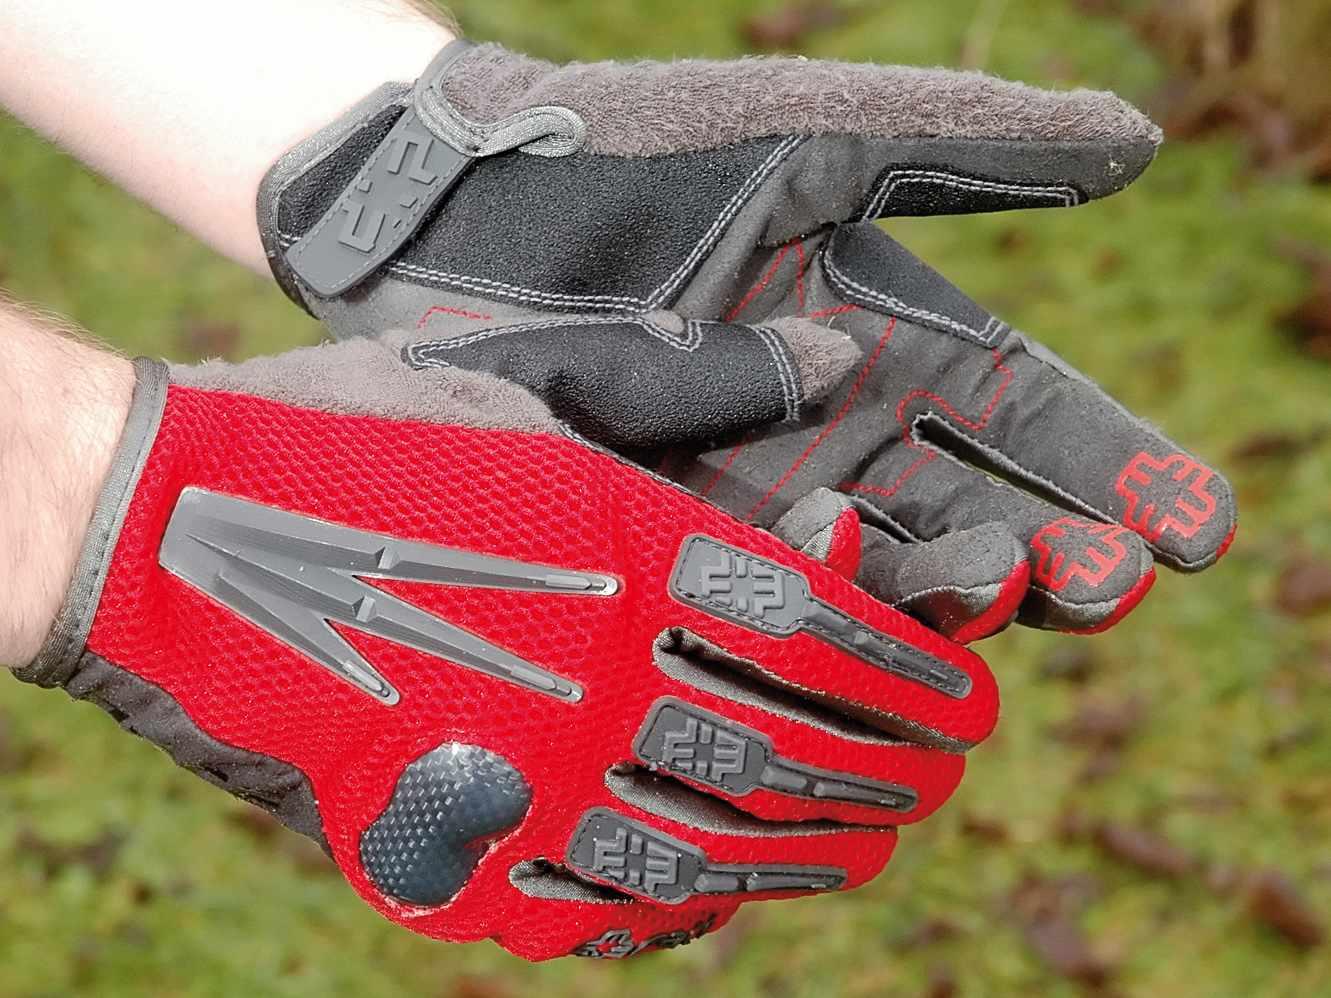 Mace Assault Glove